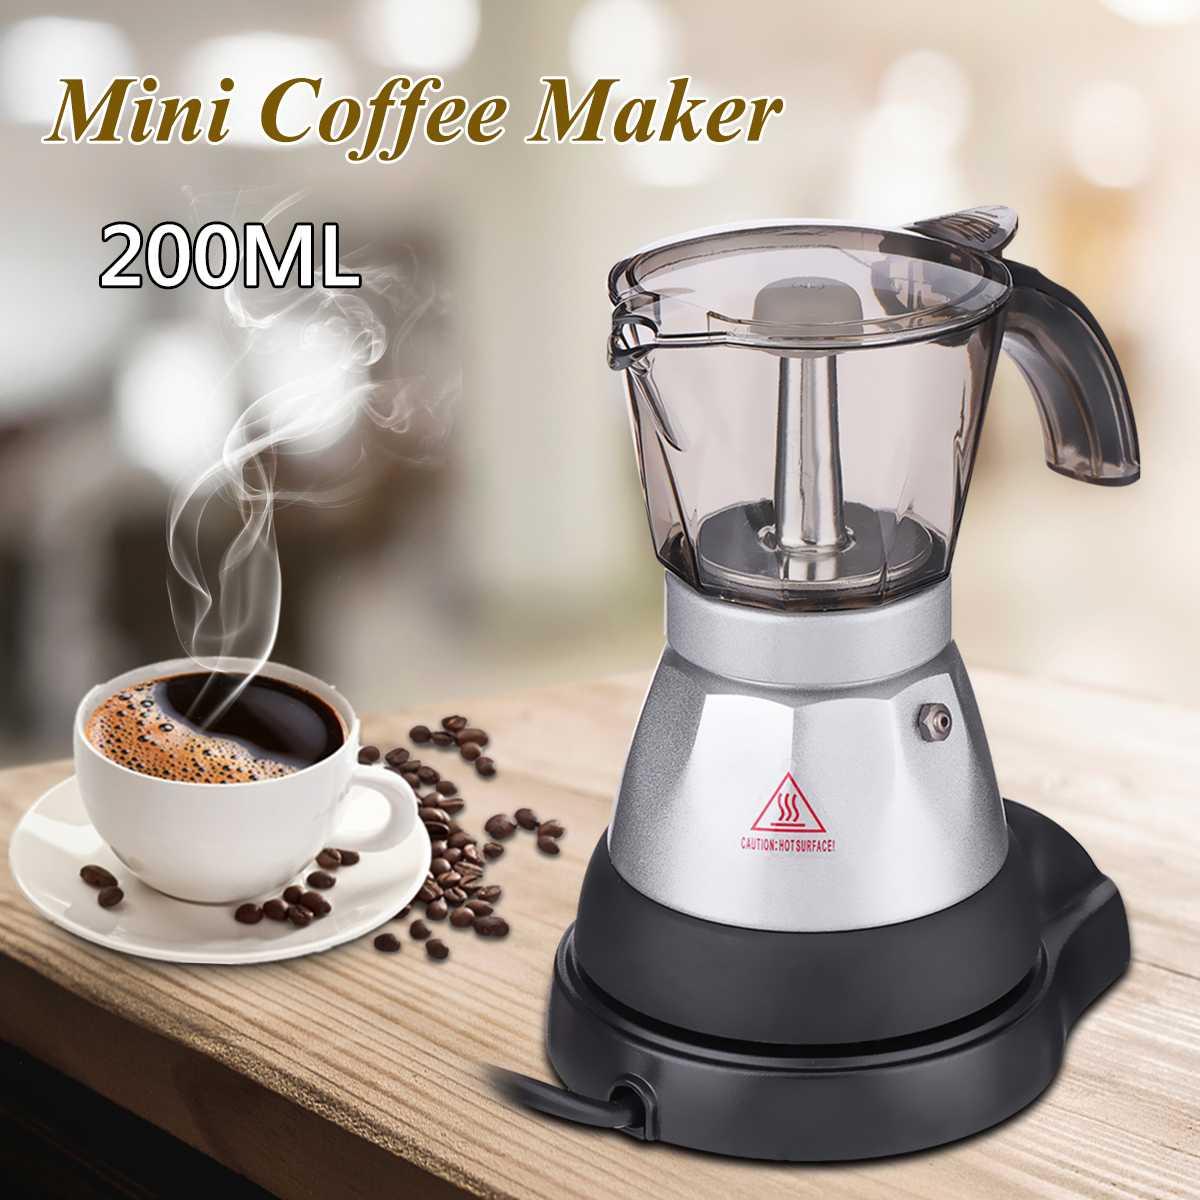 Cafetera el/éctrica Moka Espresso 200ml enchufe de la UE 220V cafetera el/éctrica cafetera el/éctrica de acero inoxidable para caf/é espresso